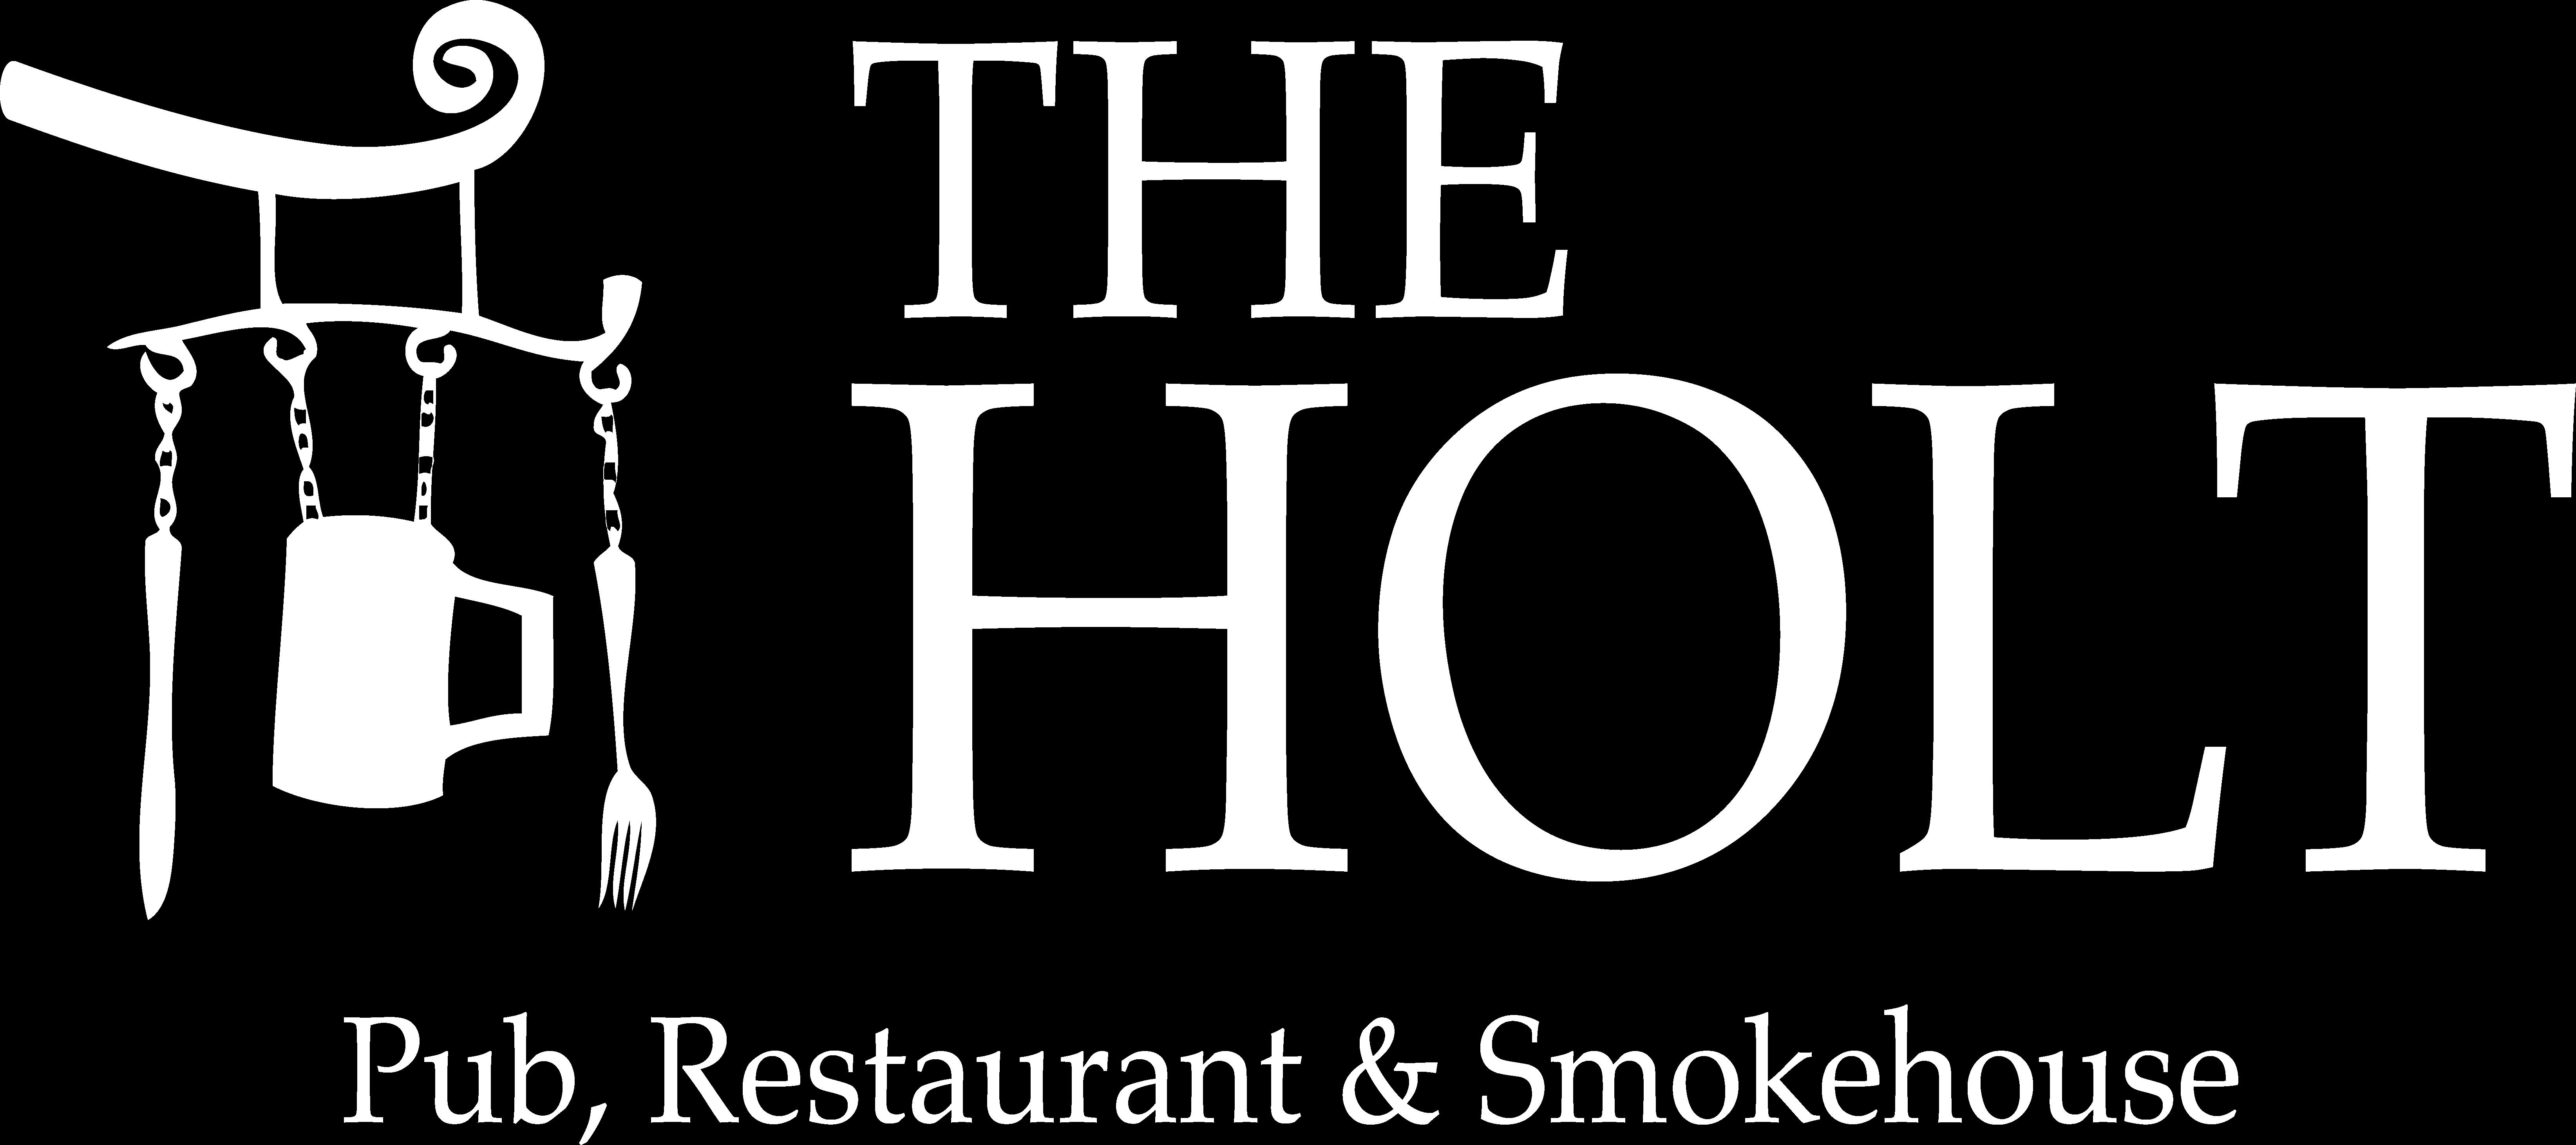 The Holt Honiton